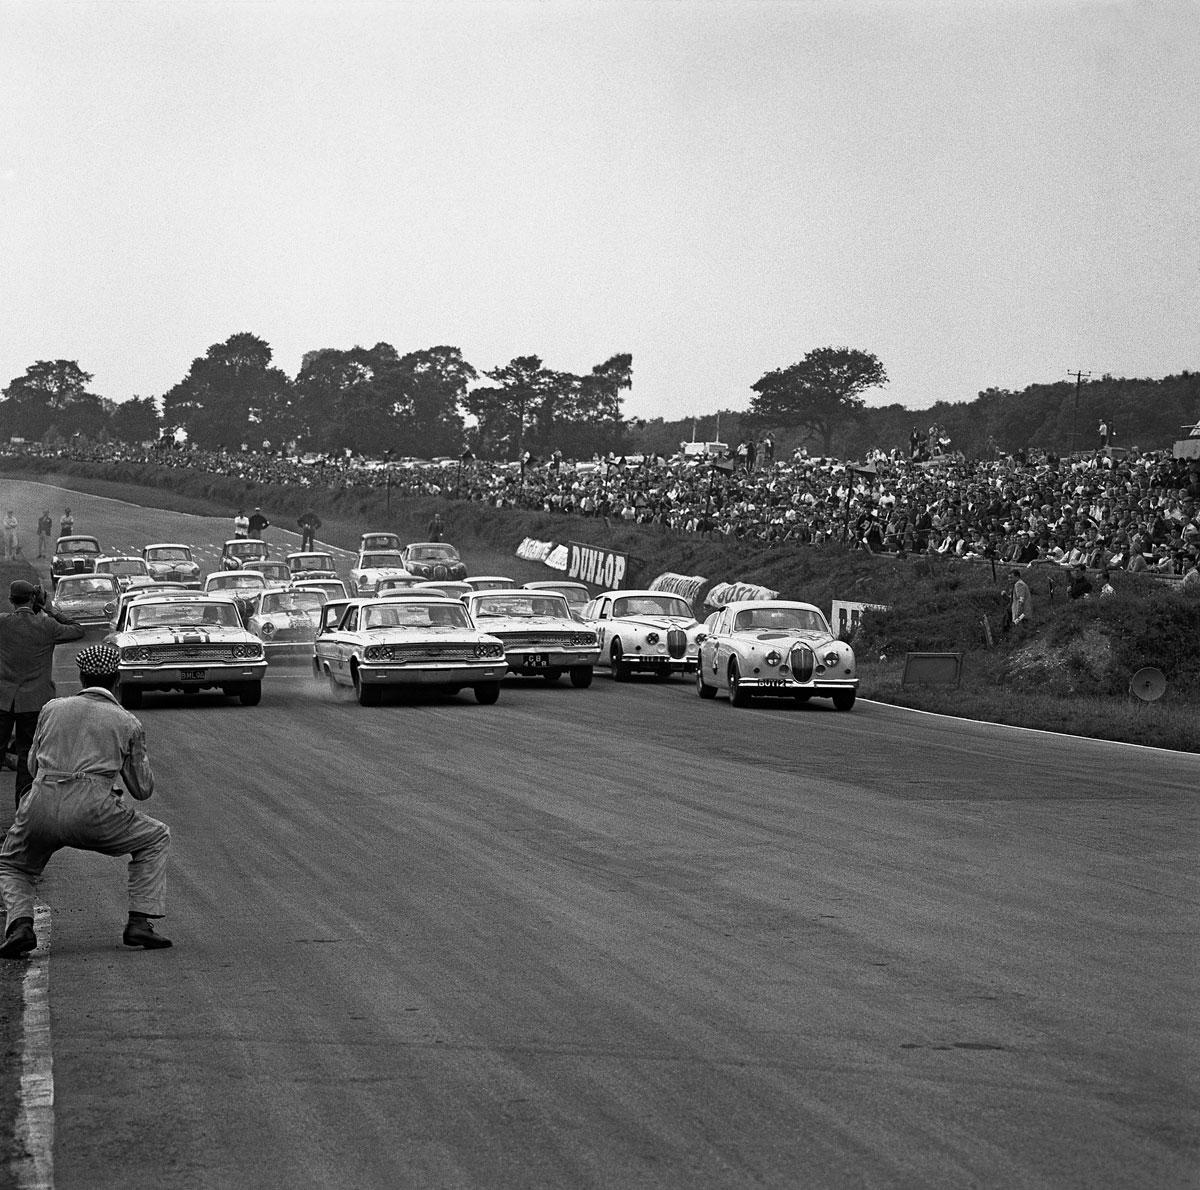 Ford, Galaxie, #34, Jack Sears, Renntourenwagen